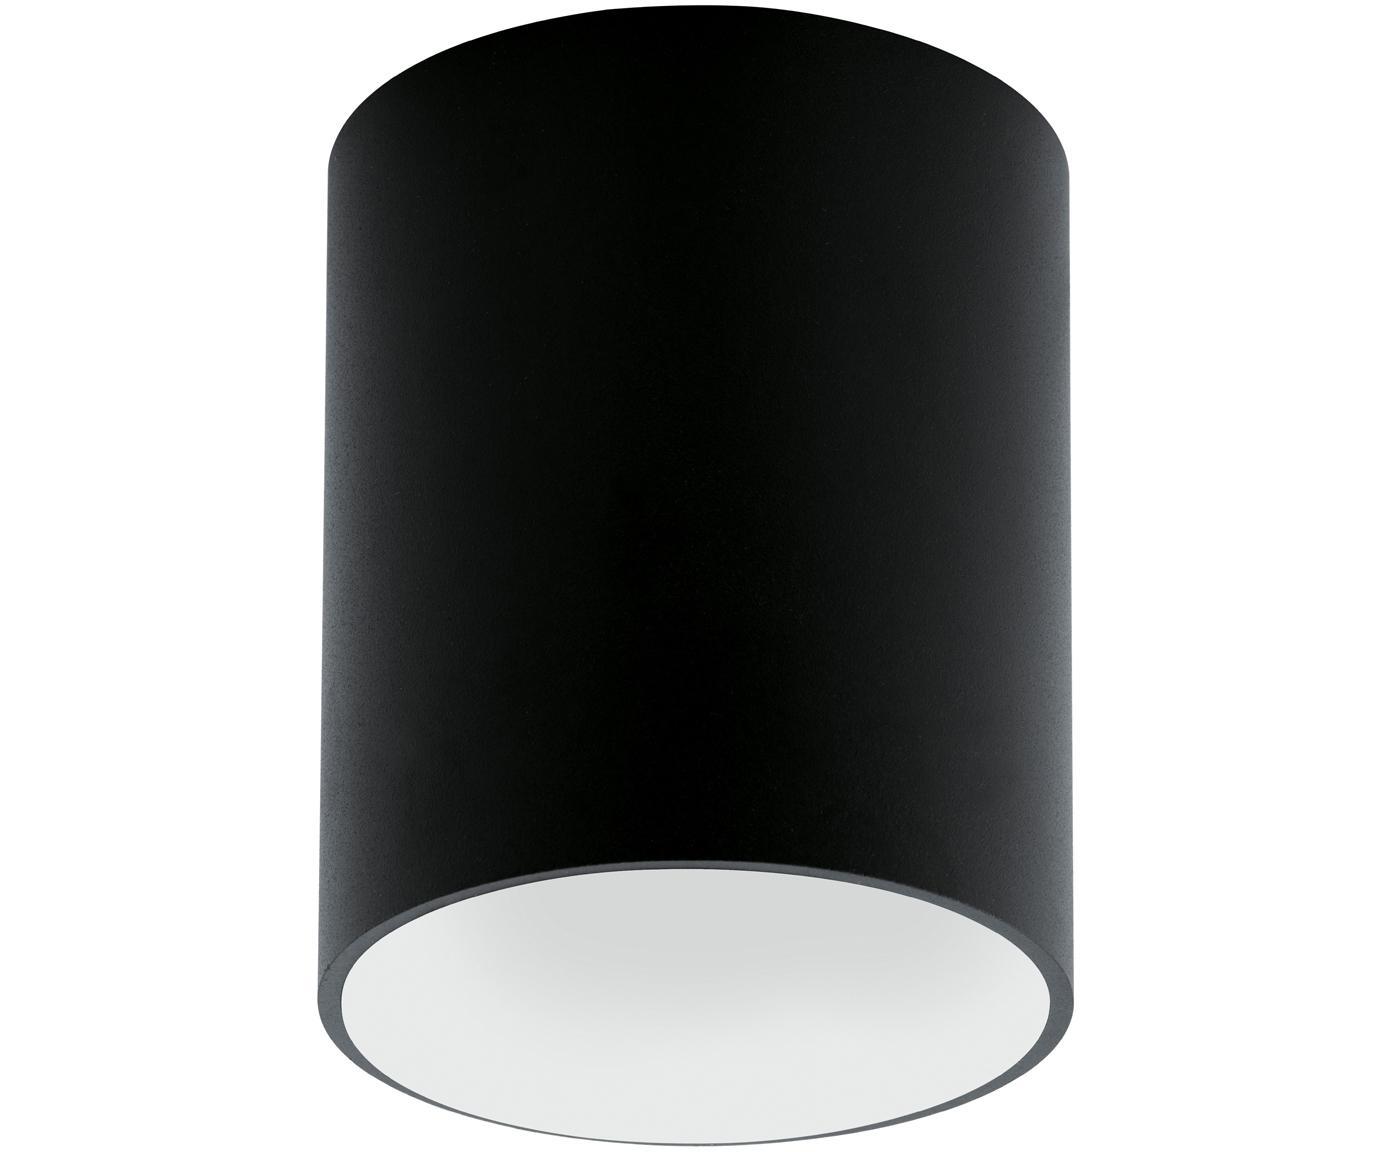 LED Deckenspot Marty, Metall, pulverbeschichtet, Schwarz,Weiß, ∅ 10 x H 12 cm